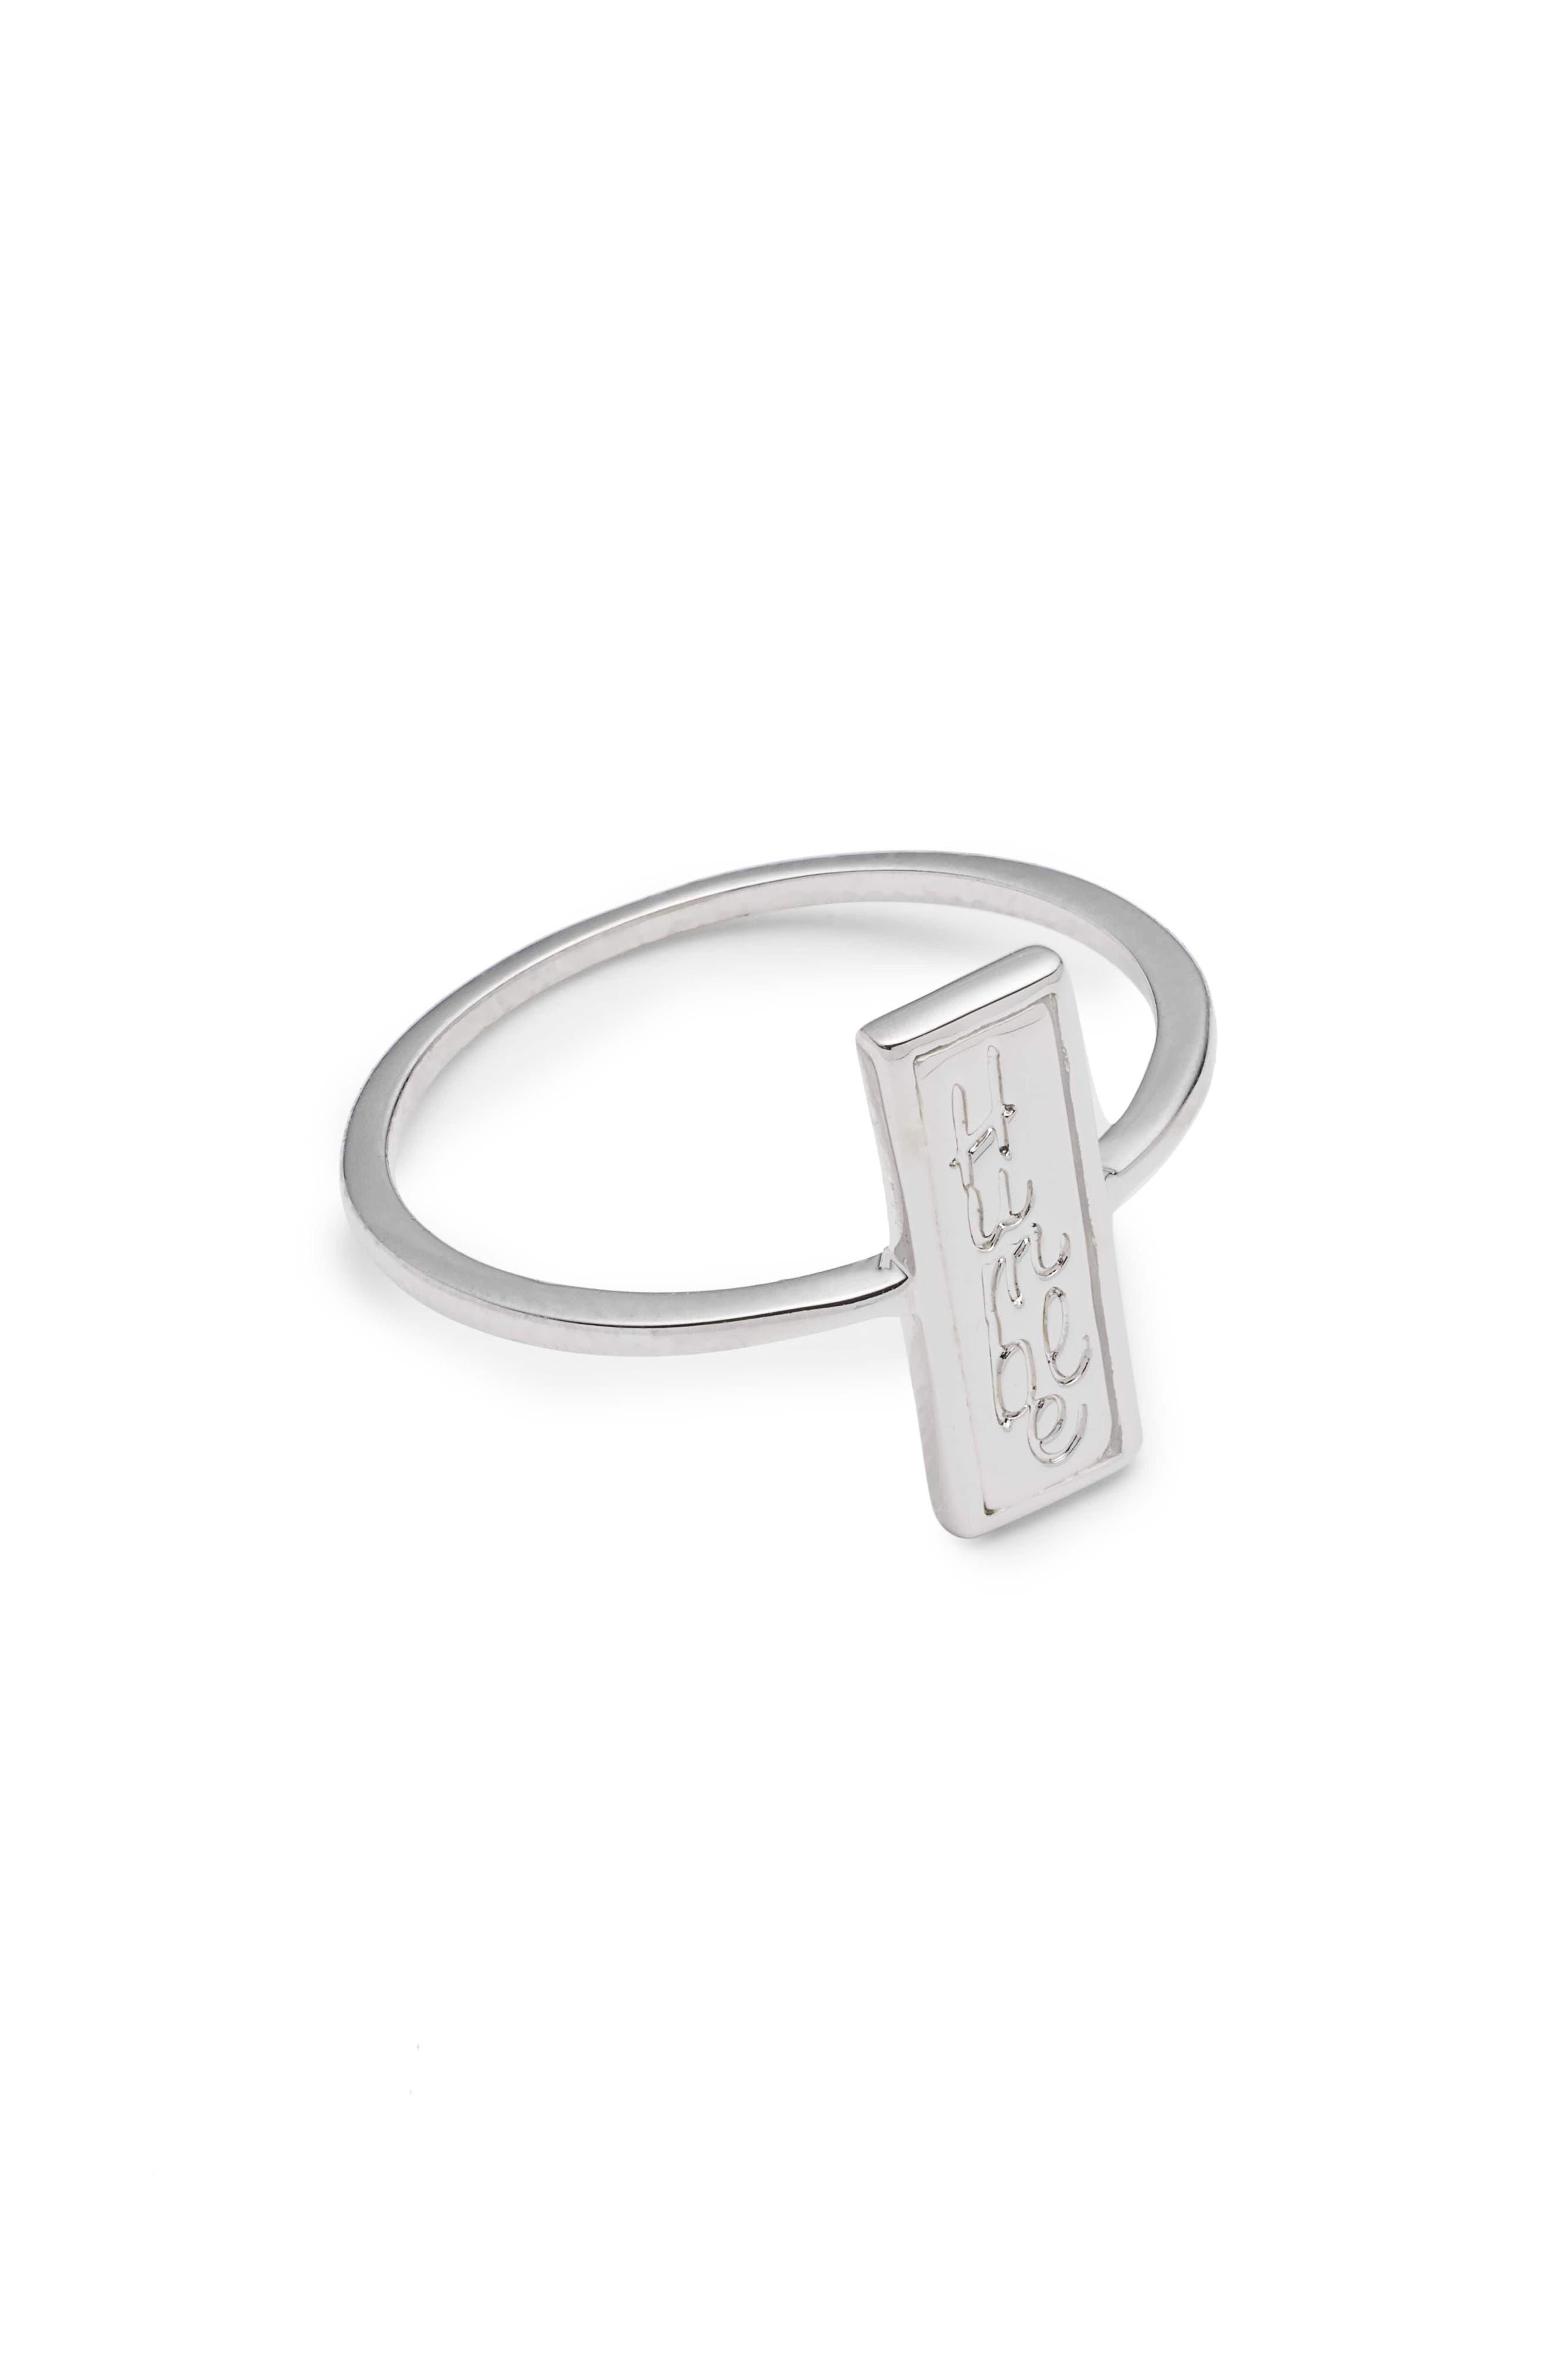 Humble Ring,                             Main thumbnail 1, color,                             Silver